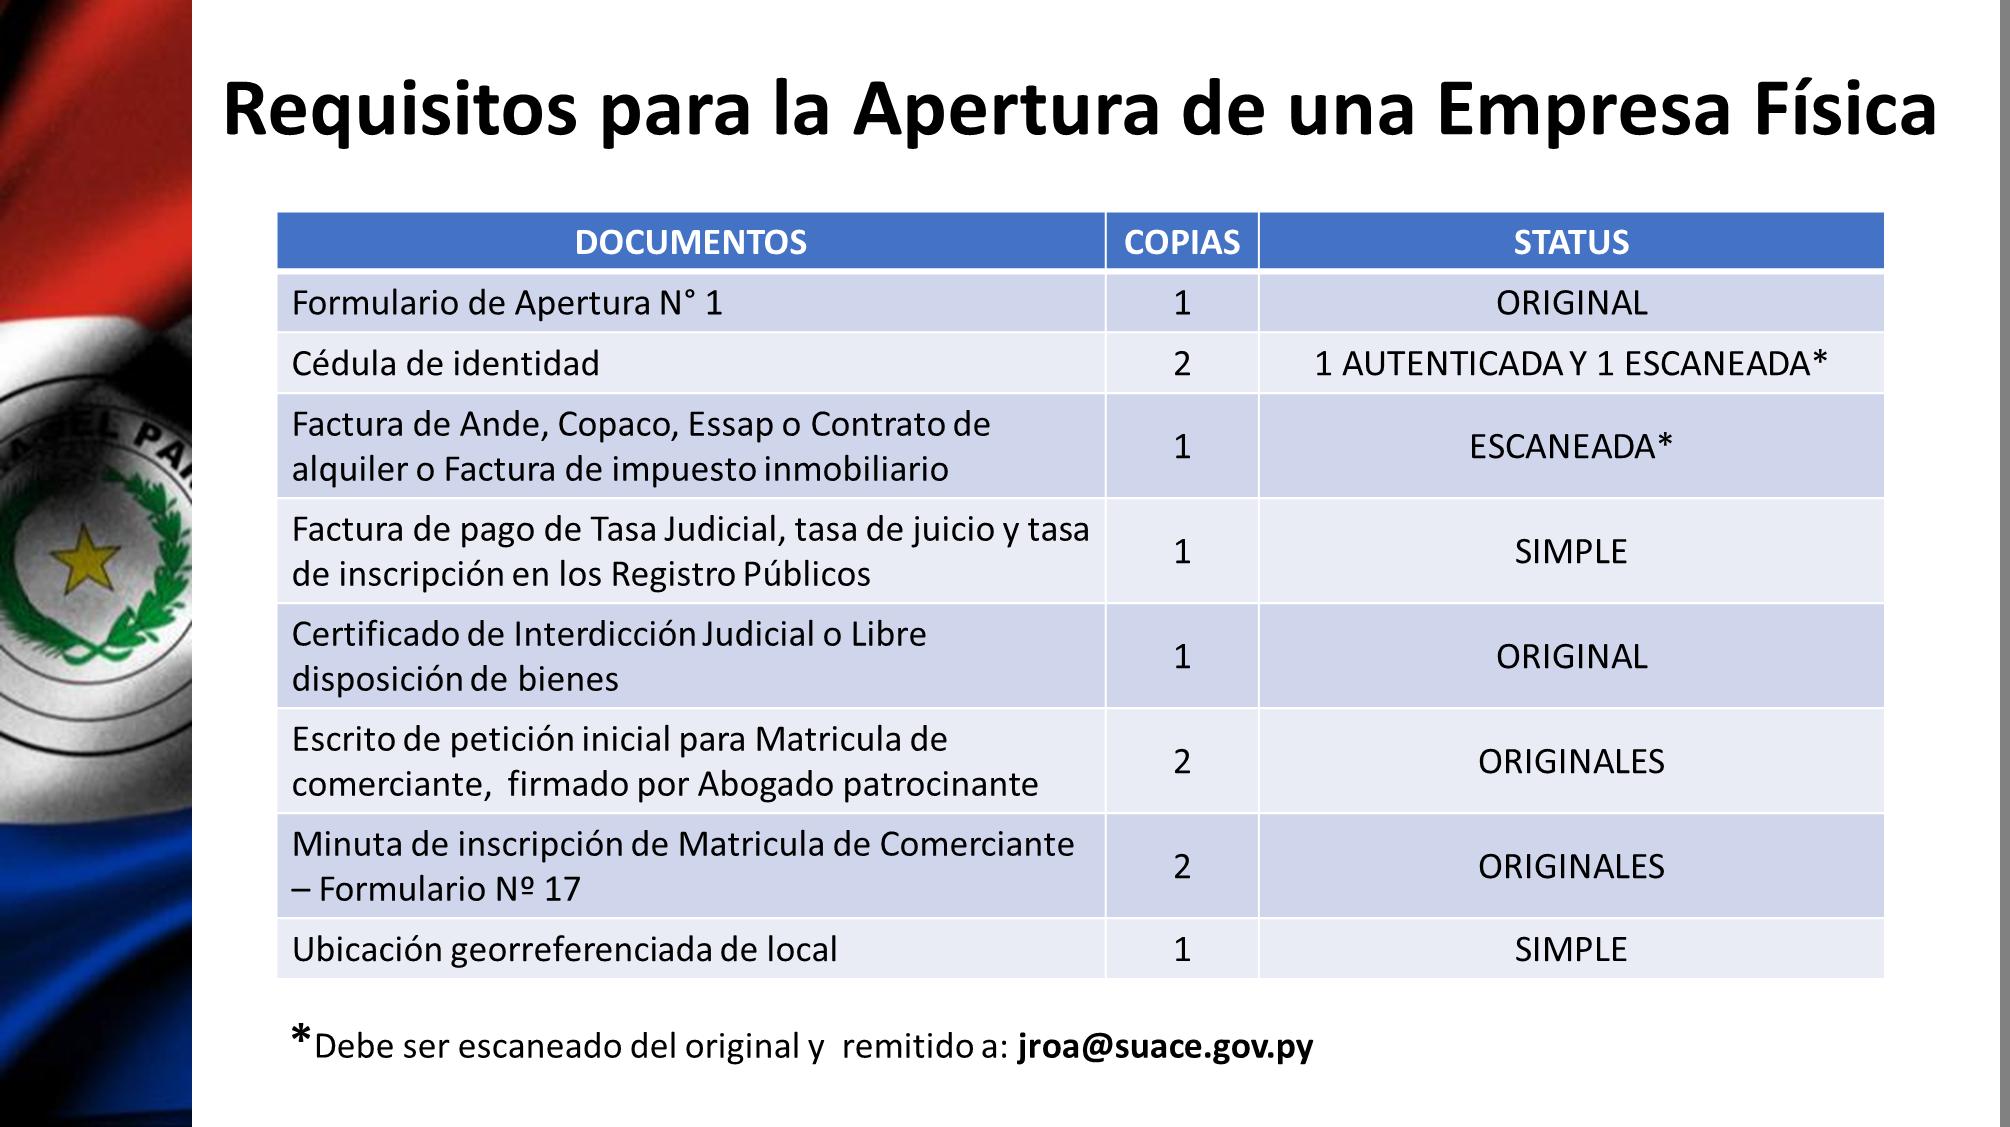 REQUISITOS APERT. EMP. FISICA(1)